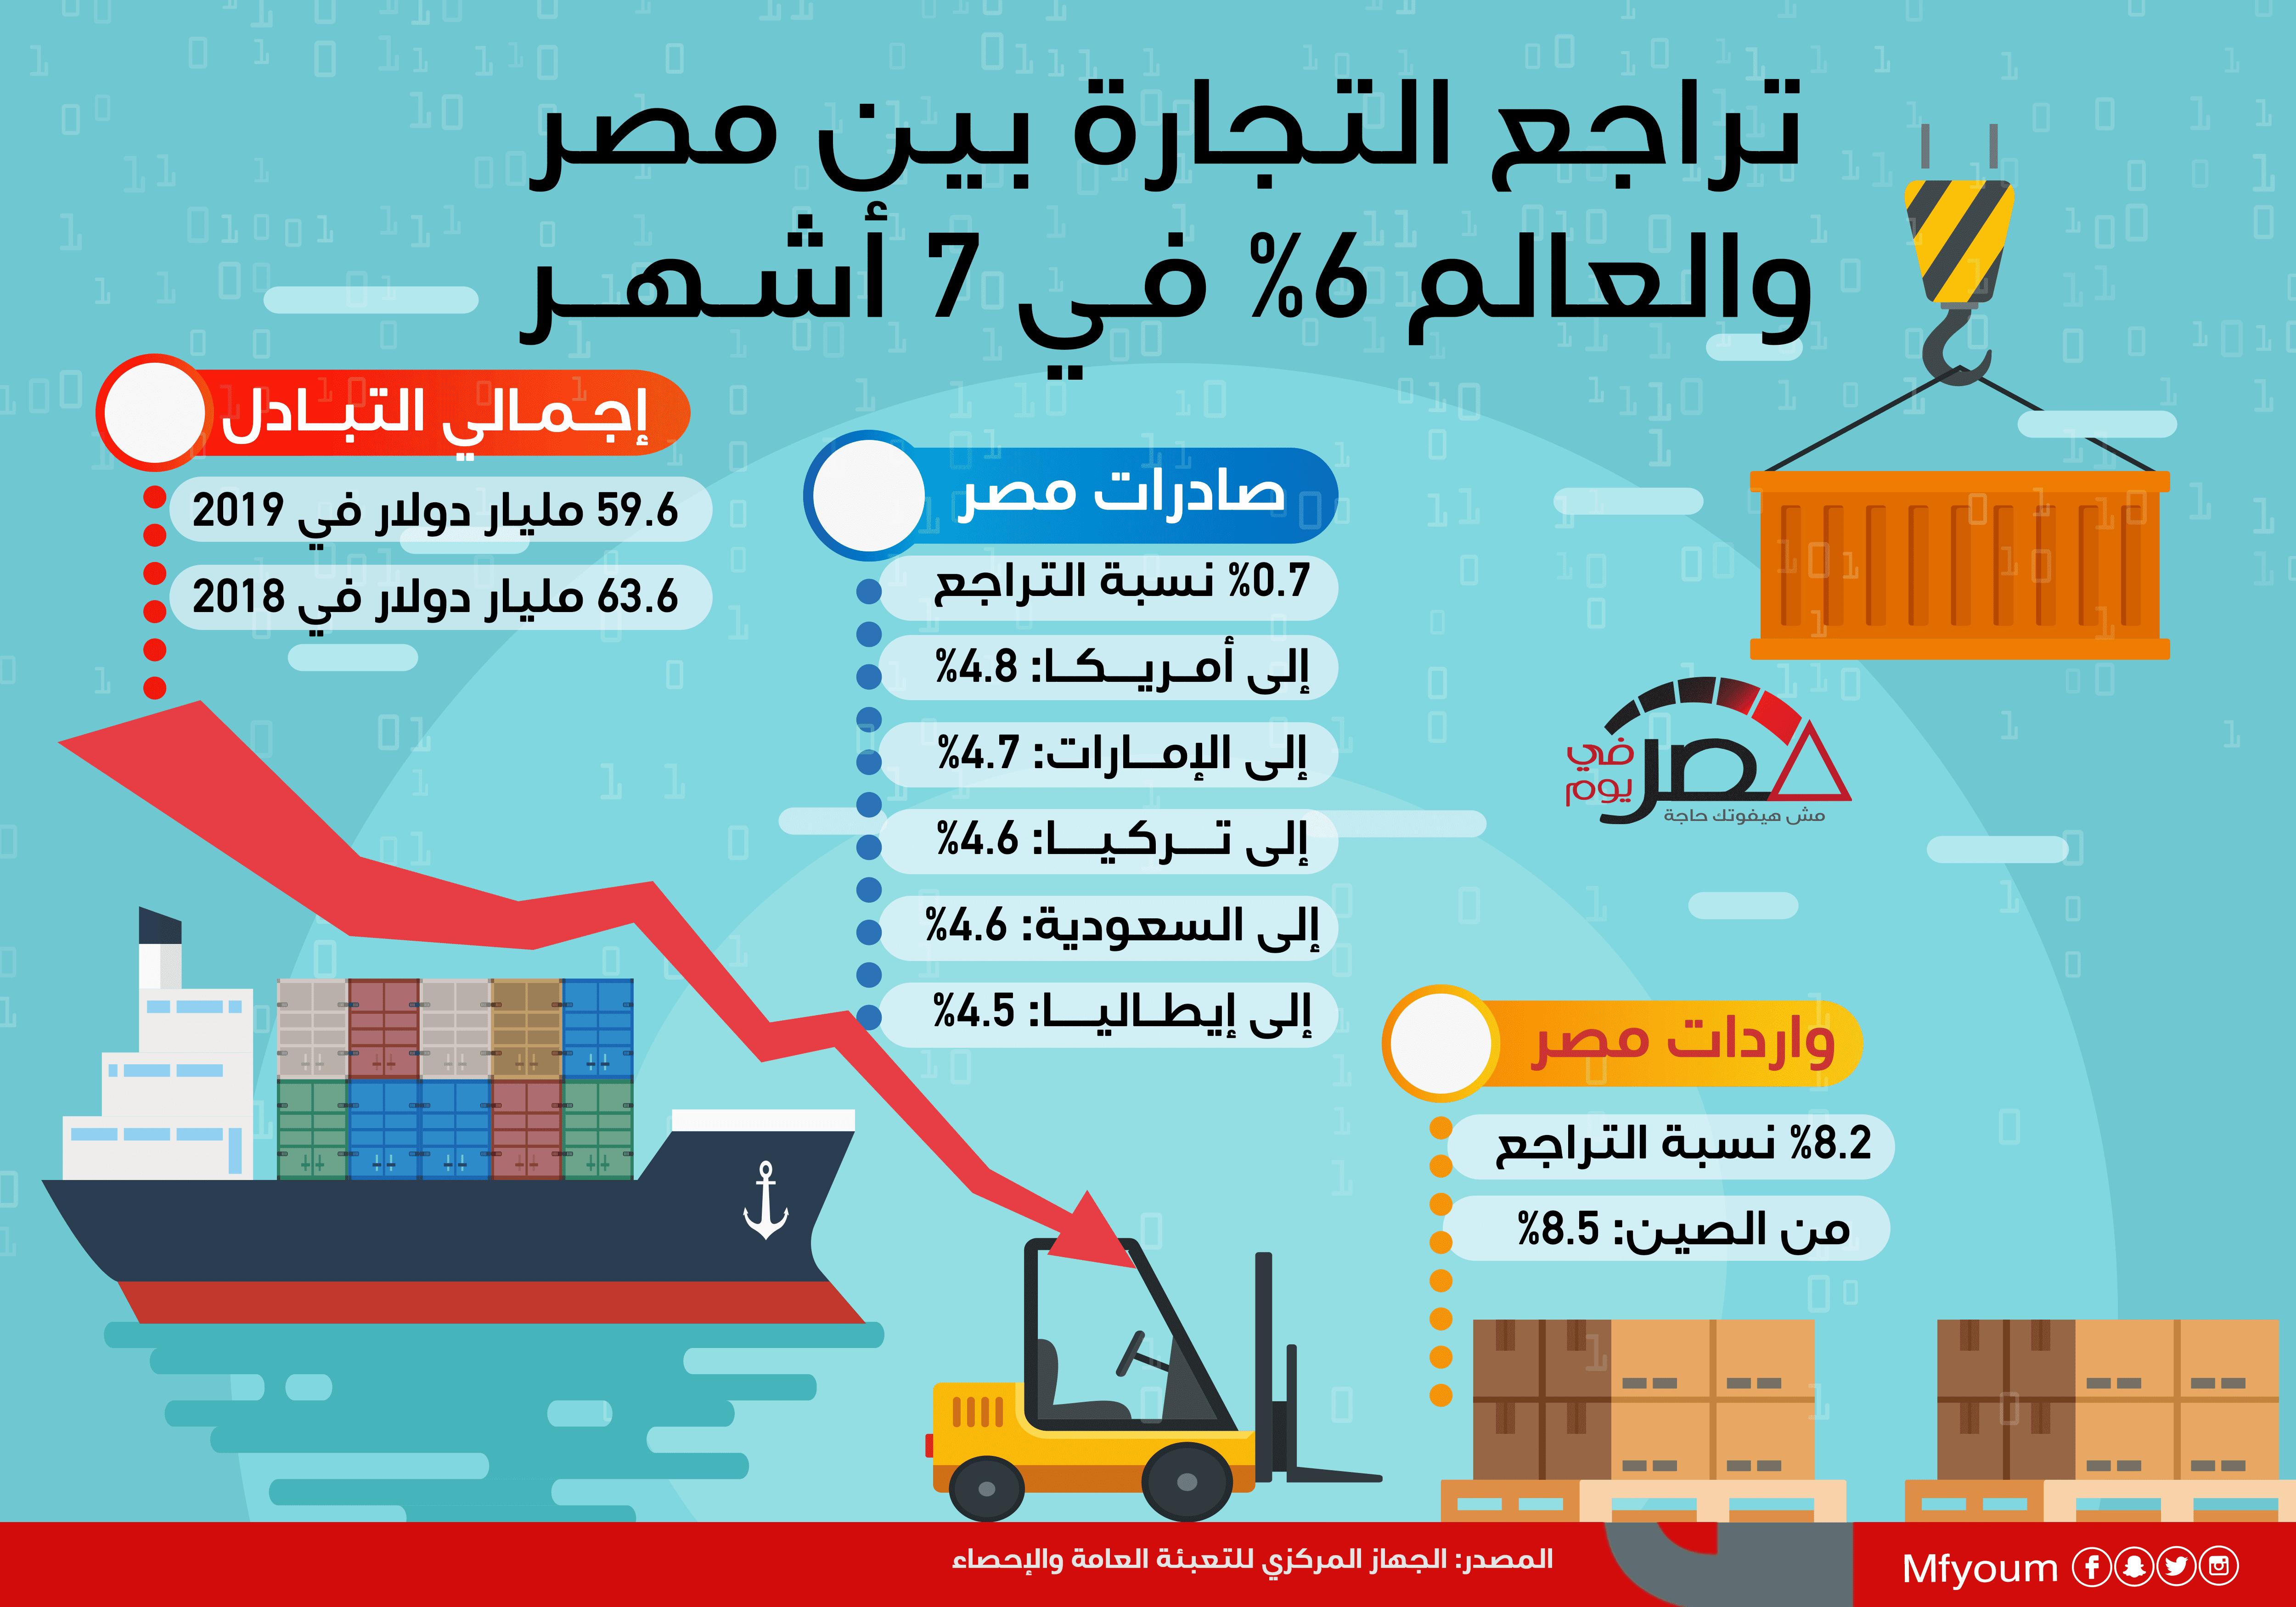 تراجع التجارة بين مصر والعالم 6% في 7 أشهر (إنفوجراف)